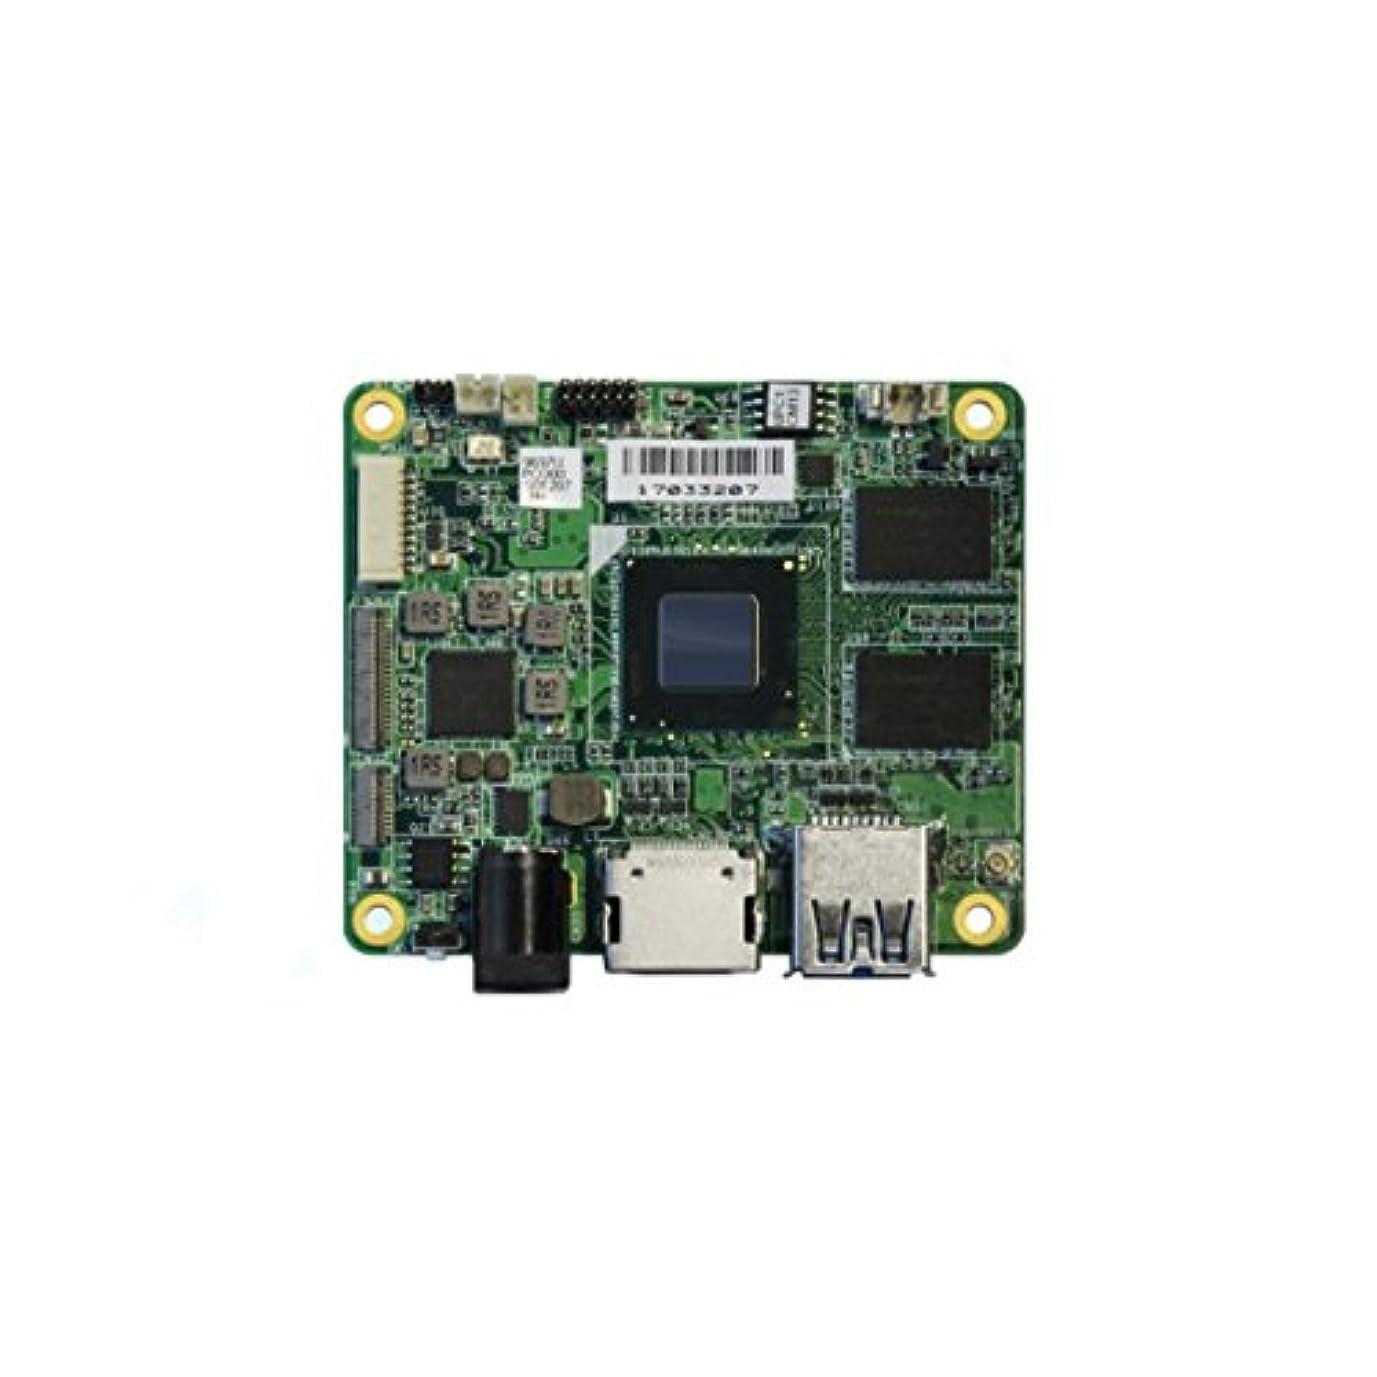 共感するクーポン専門用語AAEON Windows 10/Linux/Android対応! 開発者向け超小型CPUボード 4Gメモリ 64G eMMC搭載モデル UPC-CHT01-0464